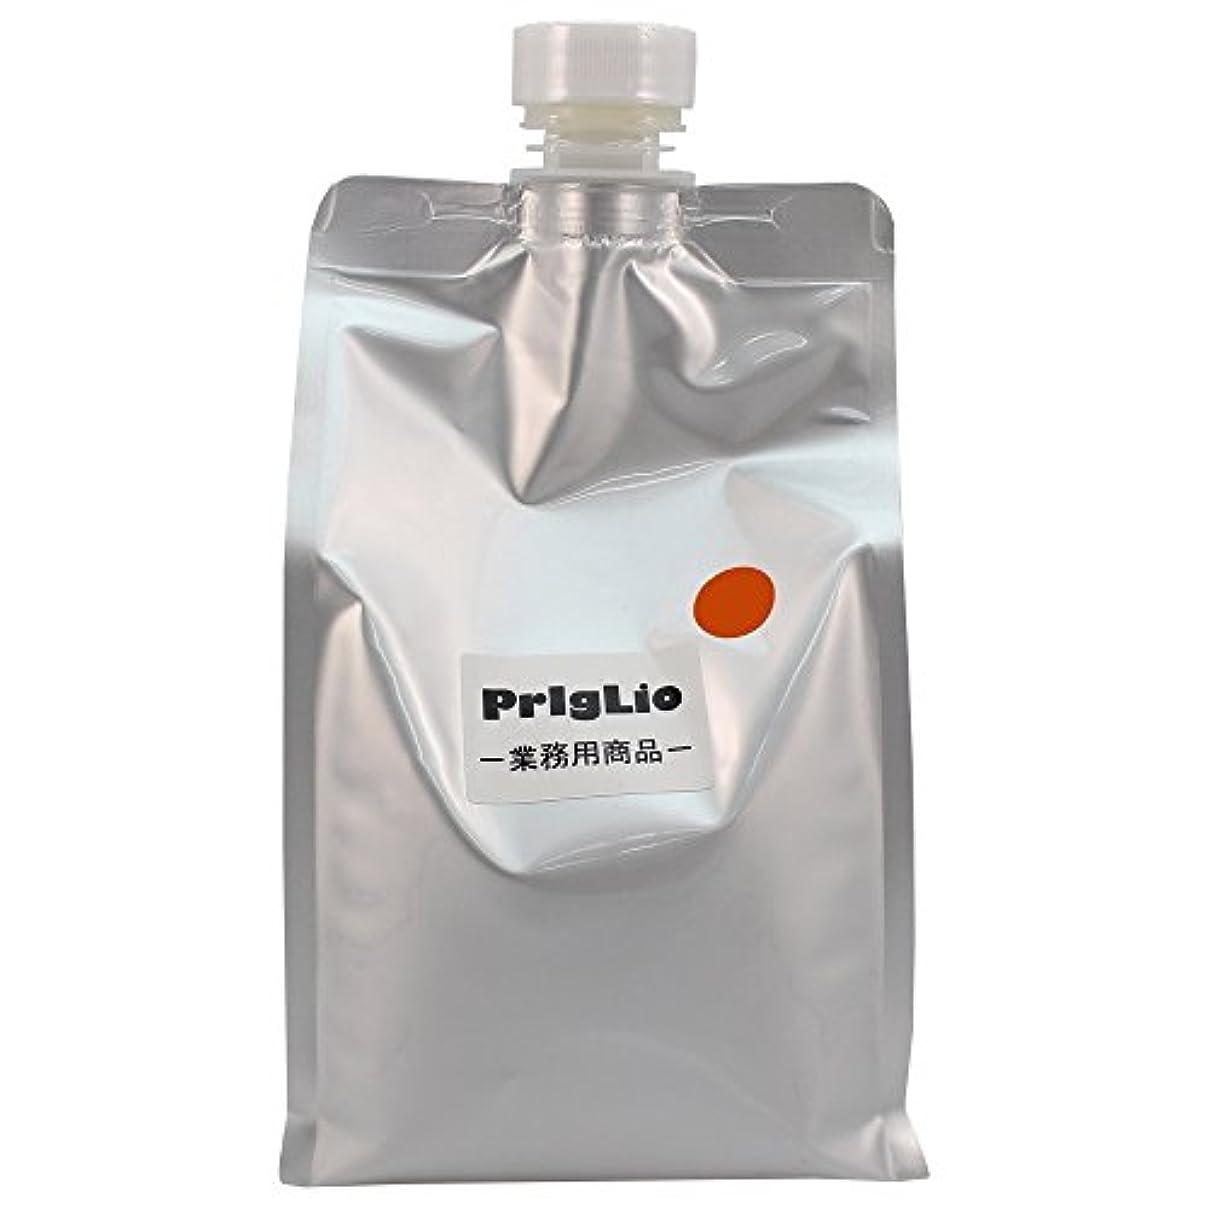 ところで西高くプリグリオD ヘアサプリメント オレンジ 900ml